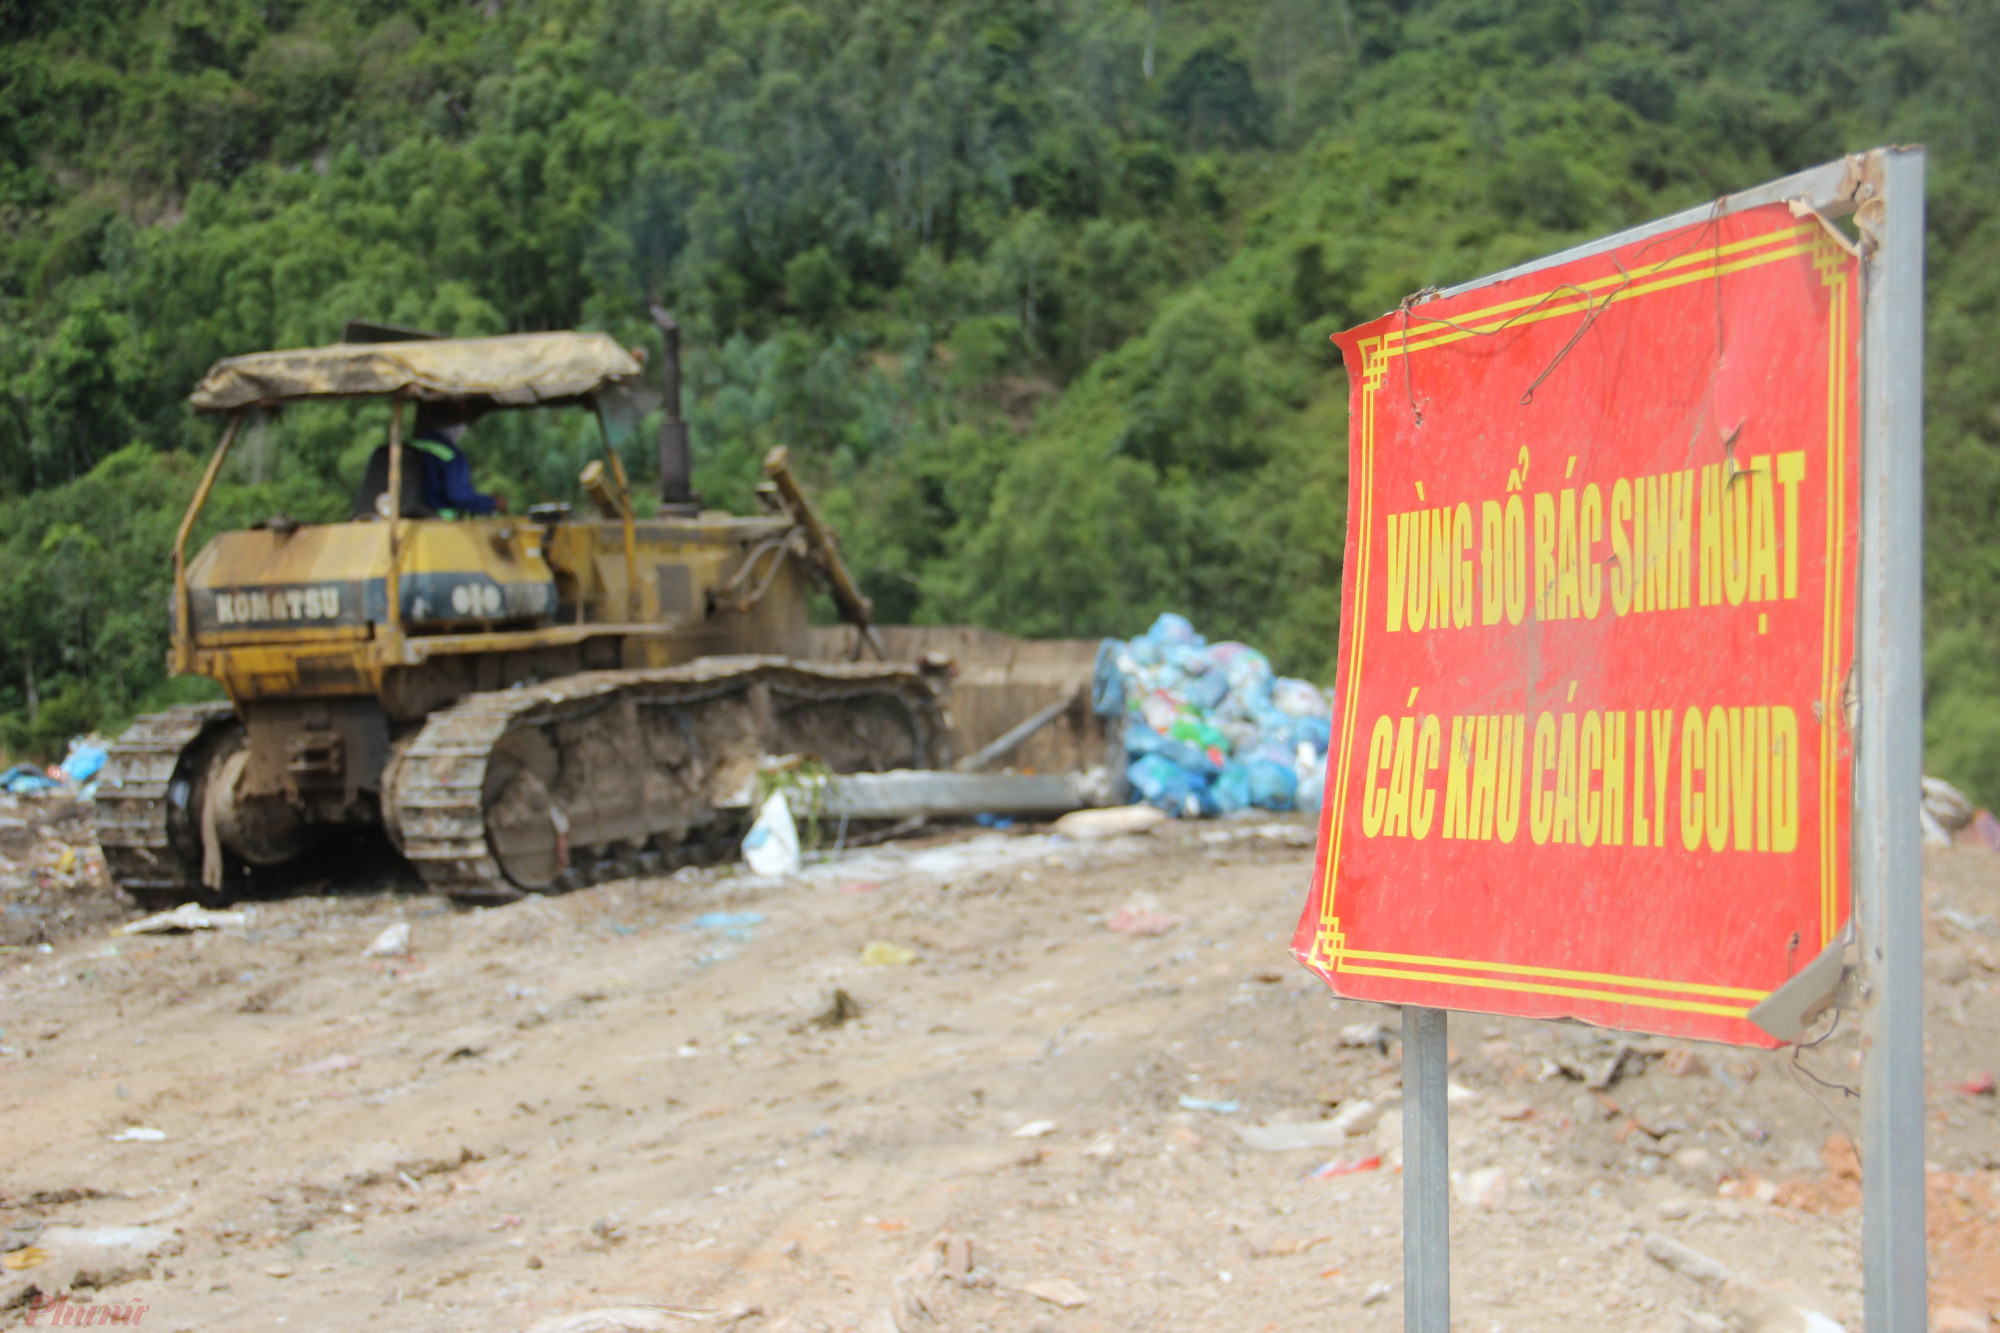 Công nhân môi trường Đà Nẵng đang xử lý chôn lấp rác thải sinh hoạt từ các khu cách ly